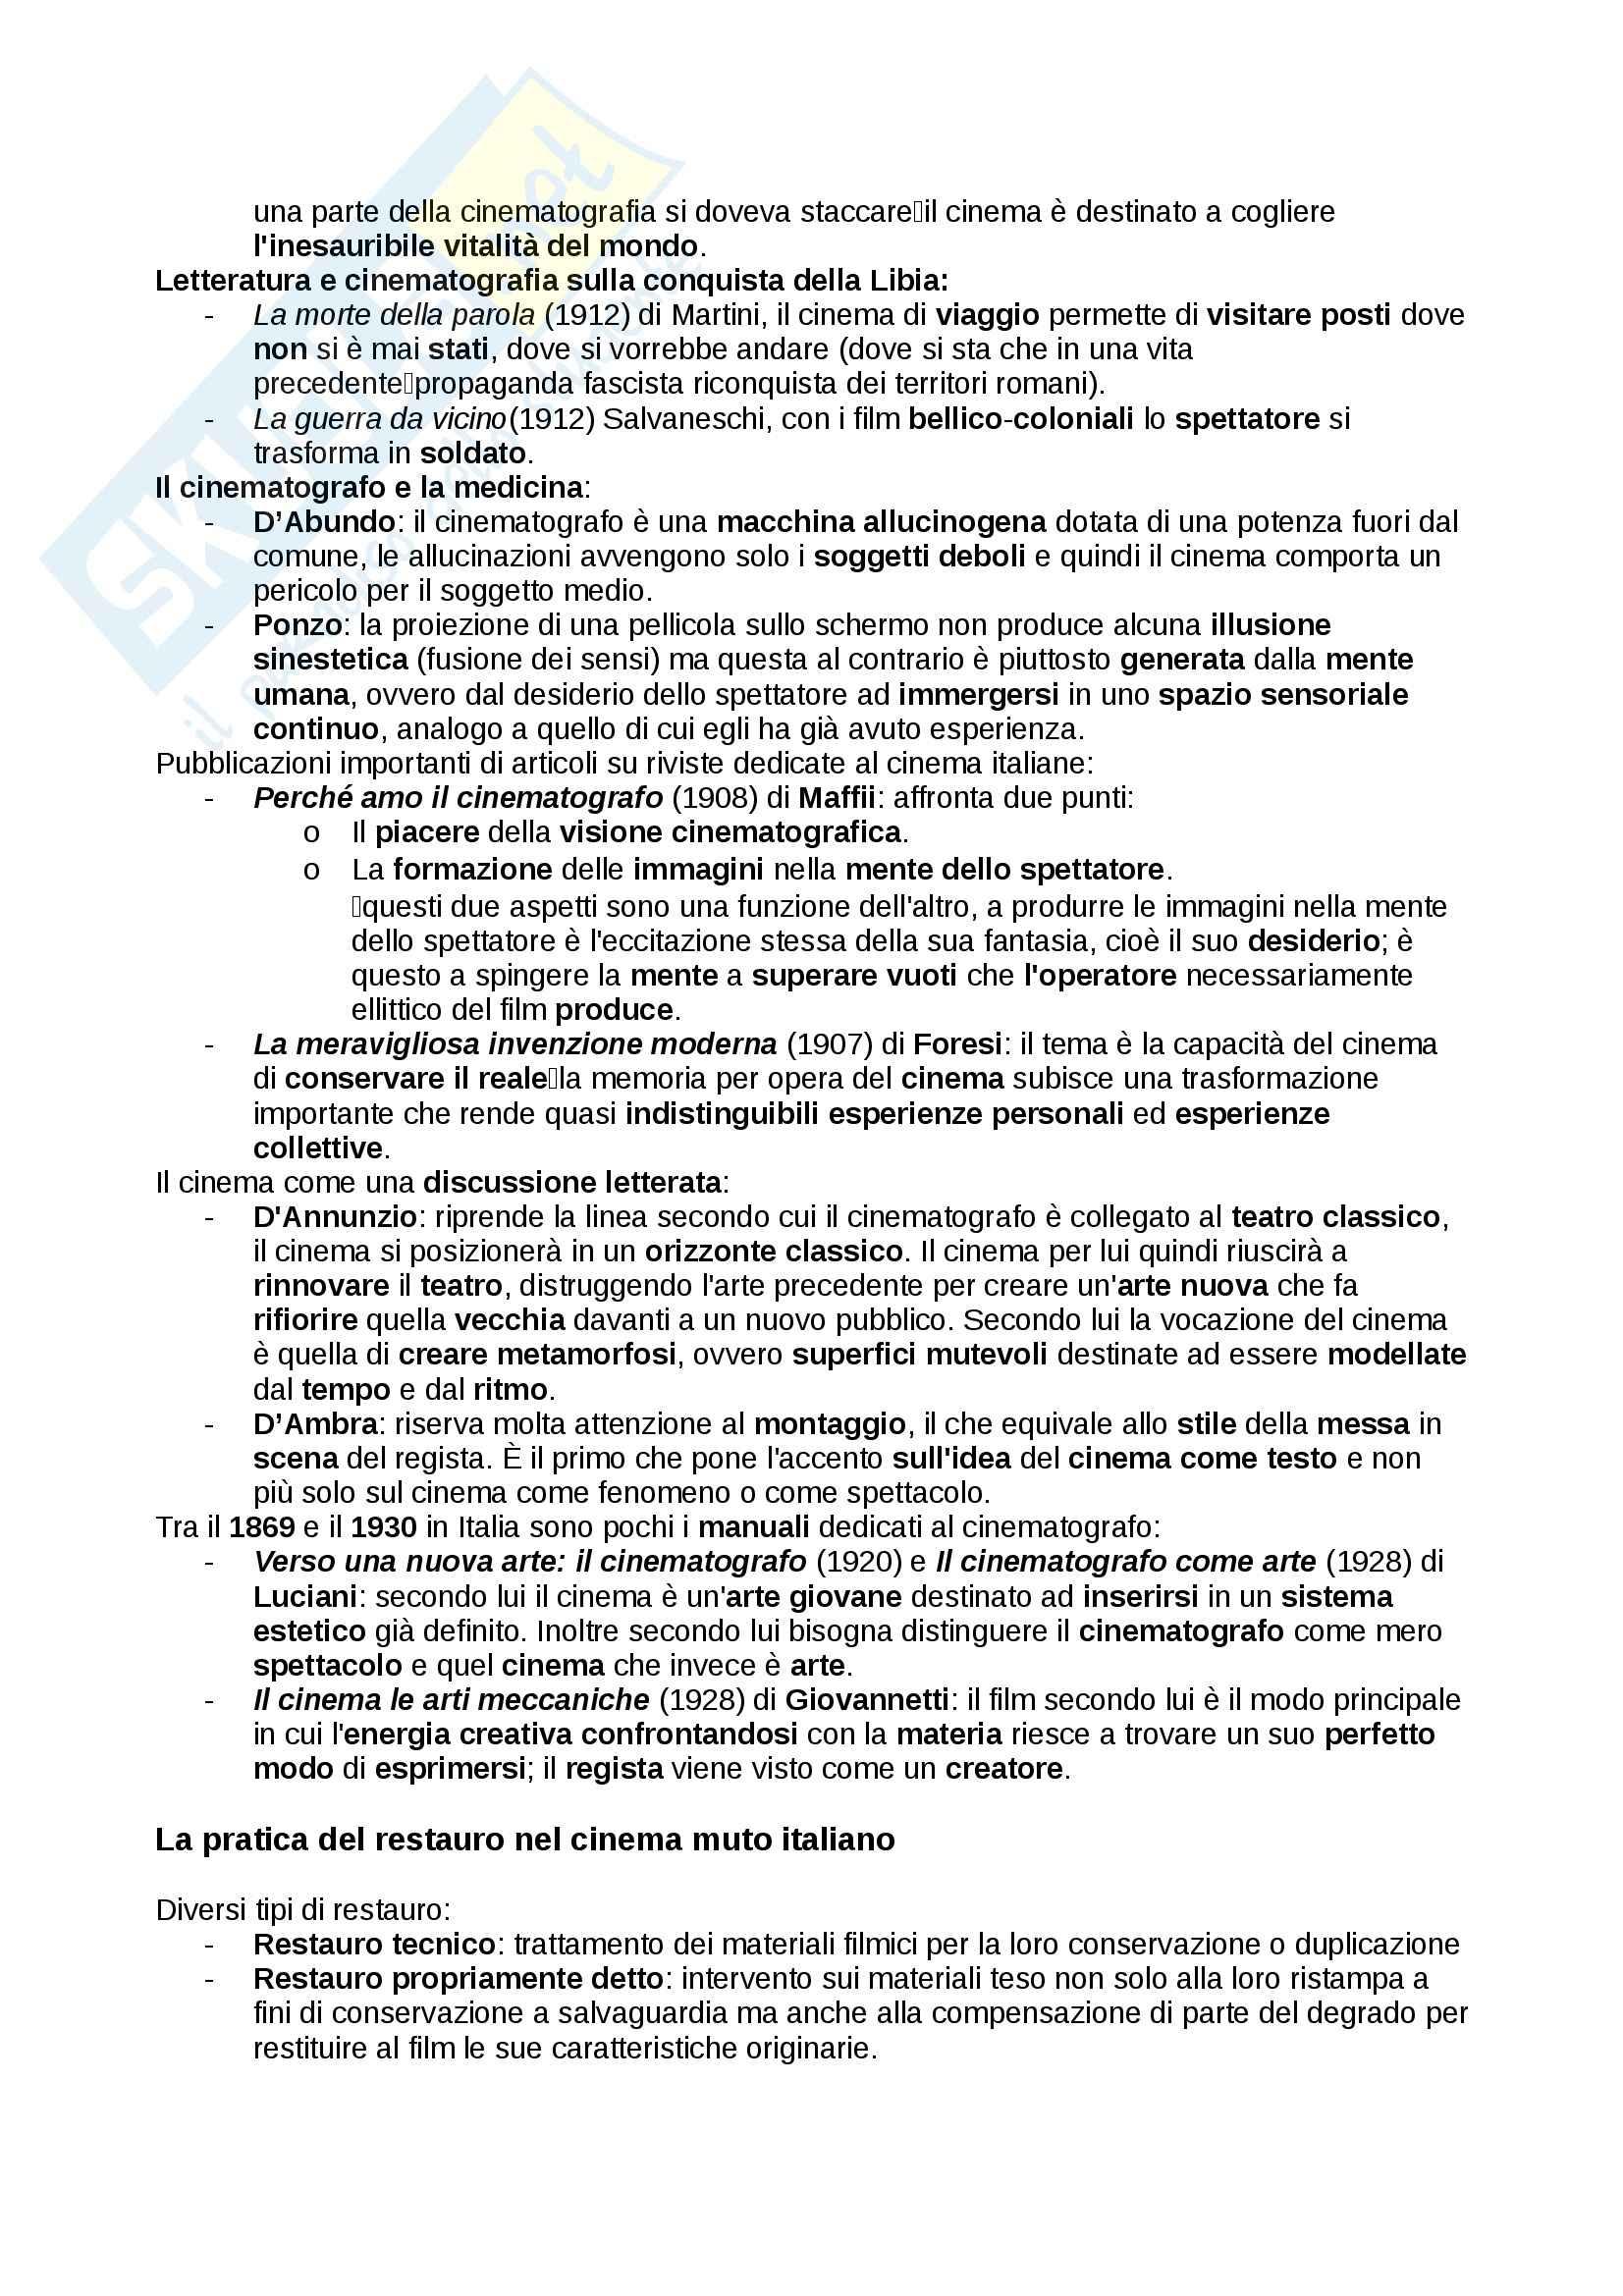 Cinema muto italiano, Filmologia Pag. 11